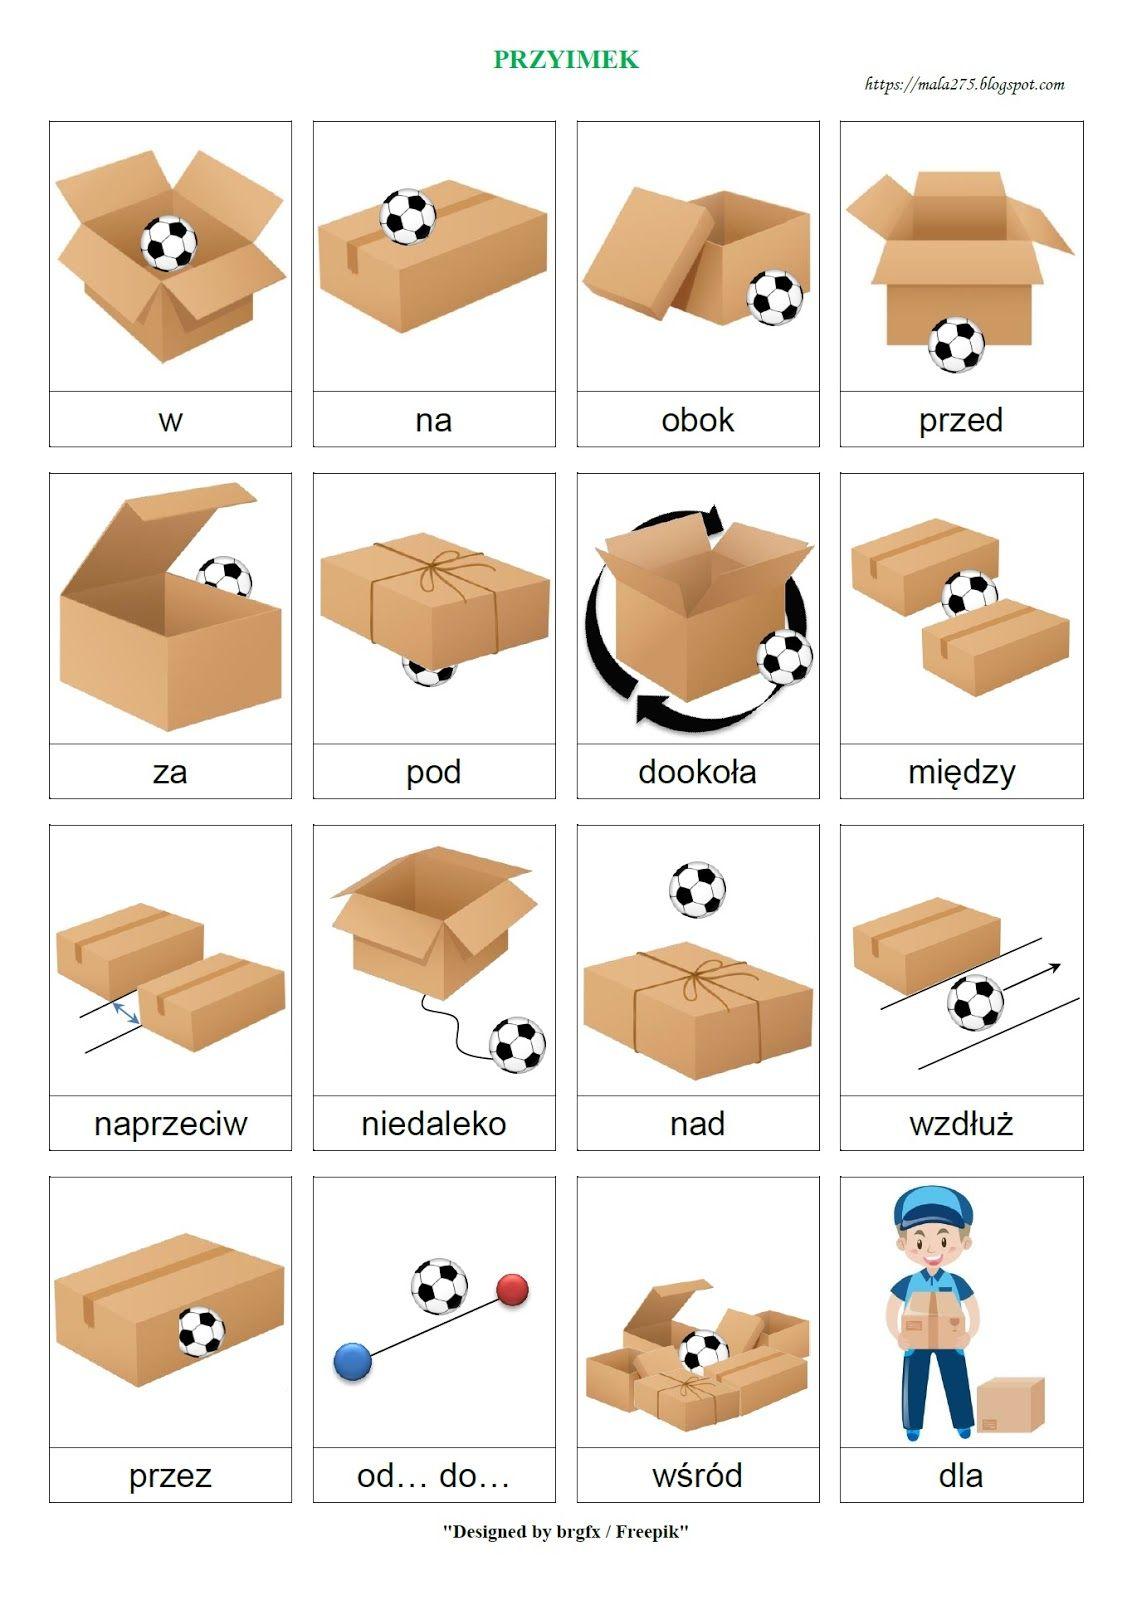 BLOG EDUKACYJNY DLA DZIECI: PRZYIMEK | Polish language, Learn polish,  Preschool learning activities